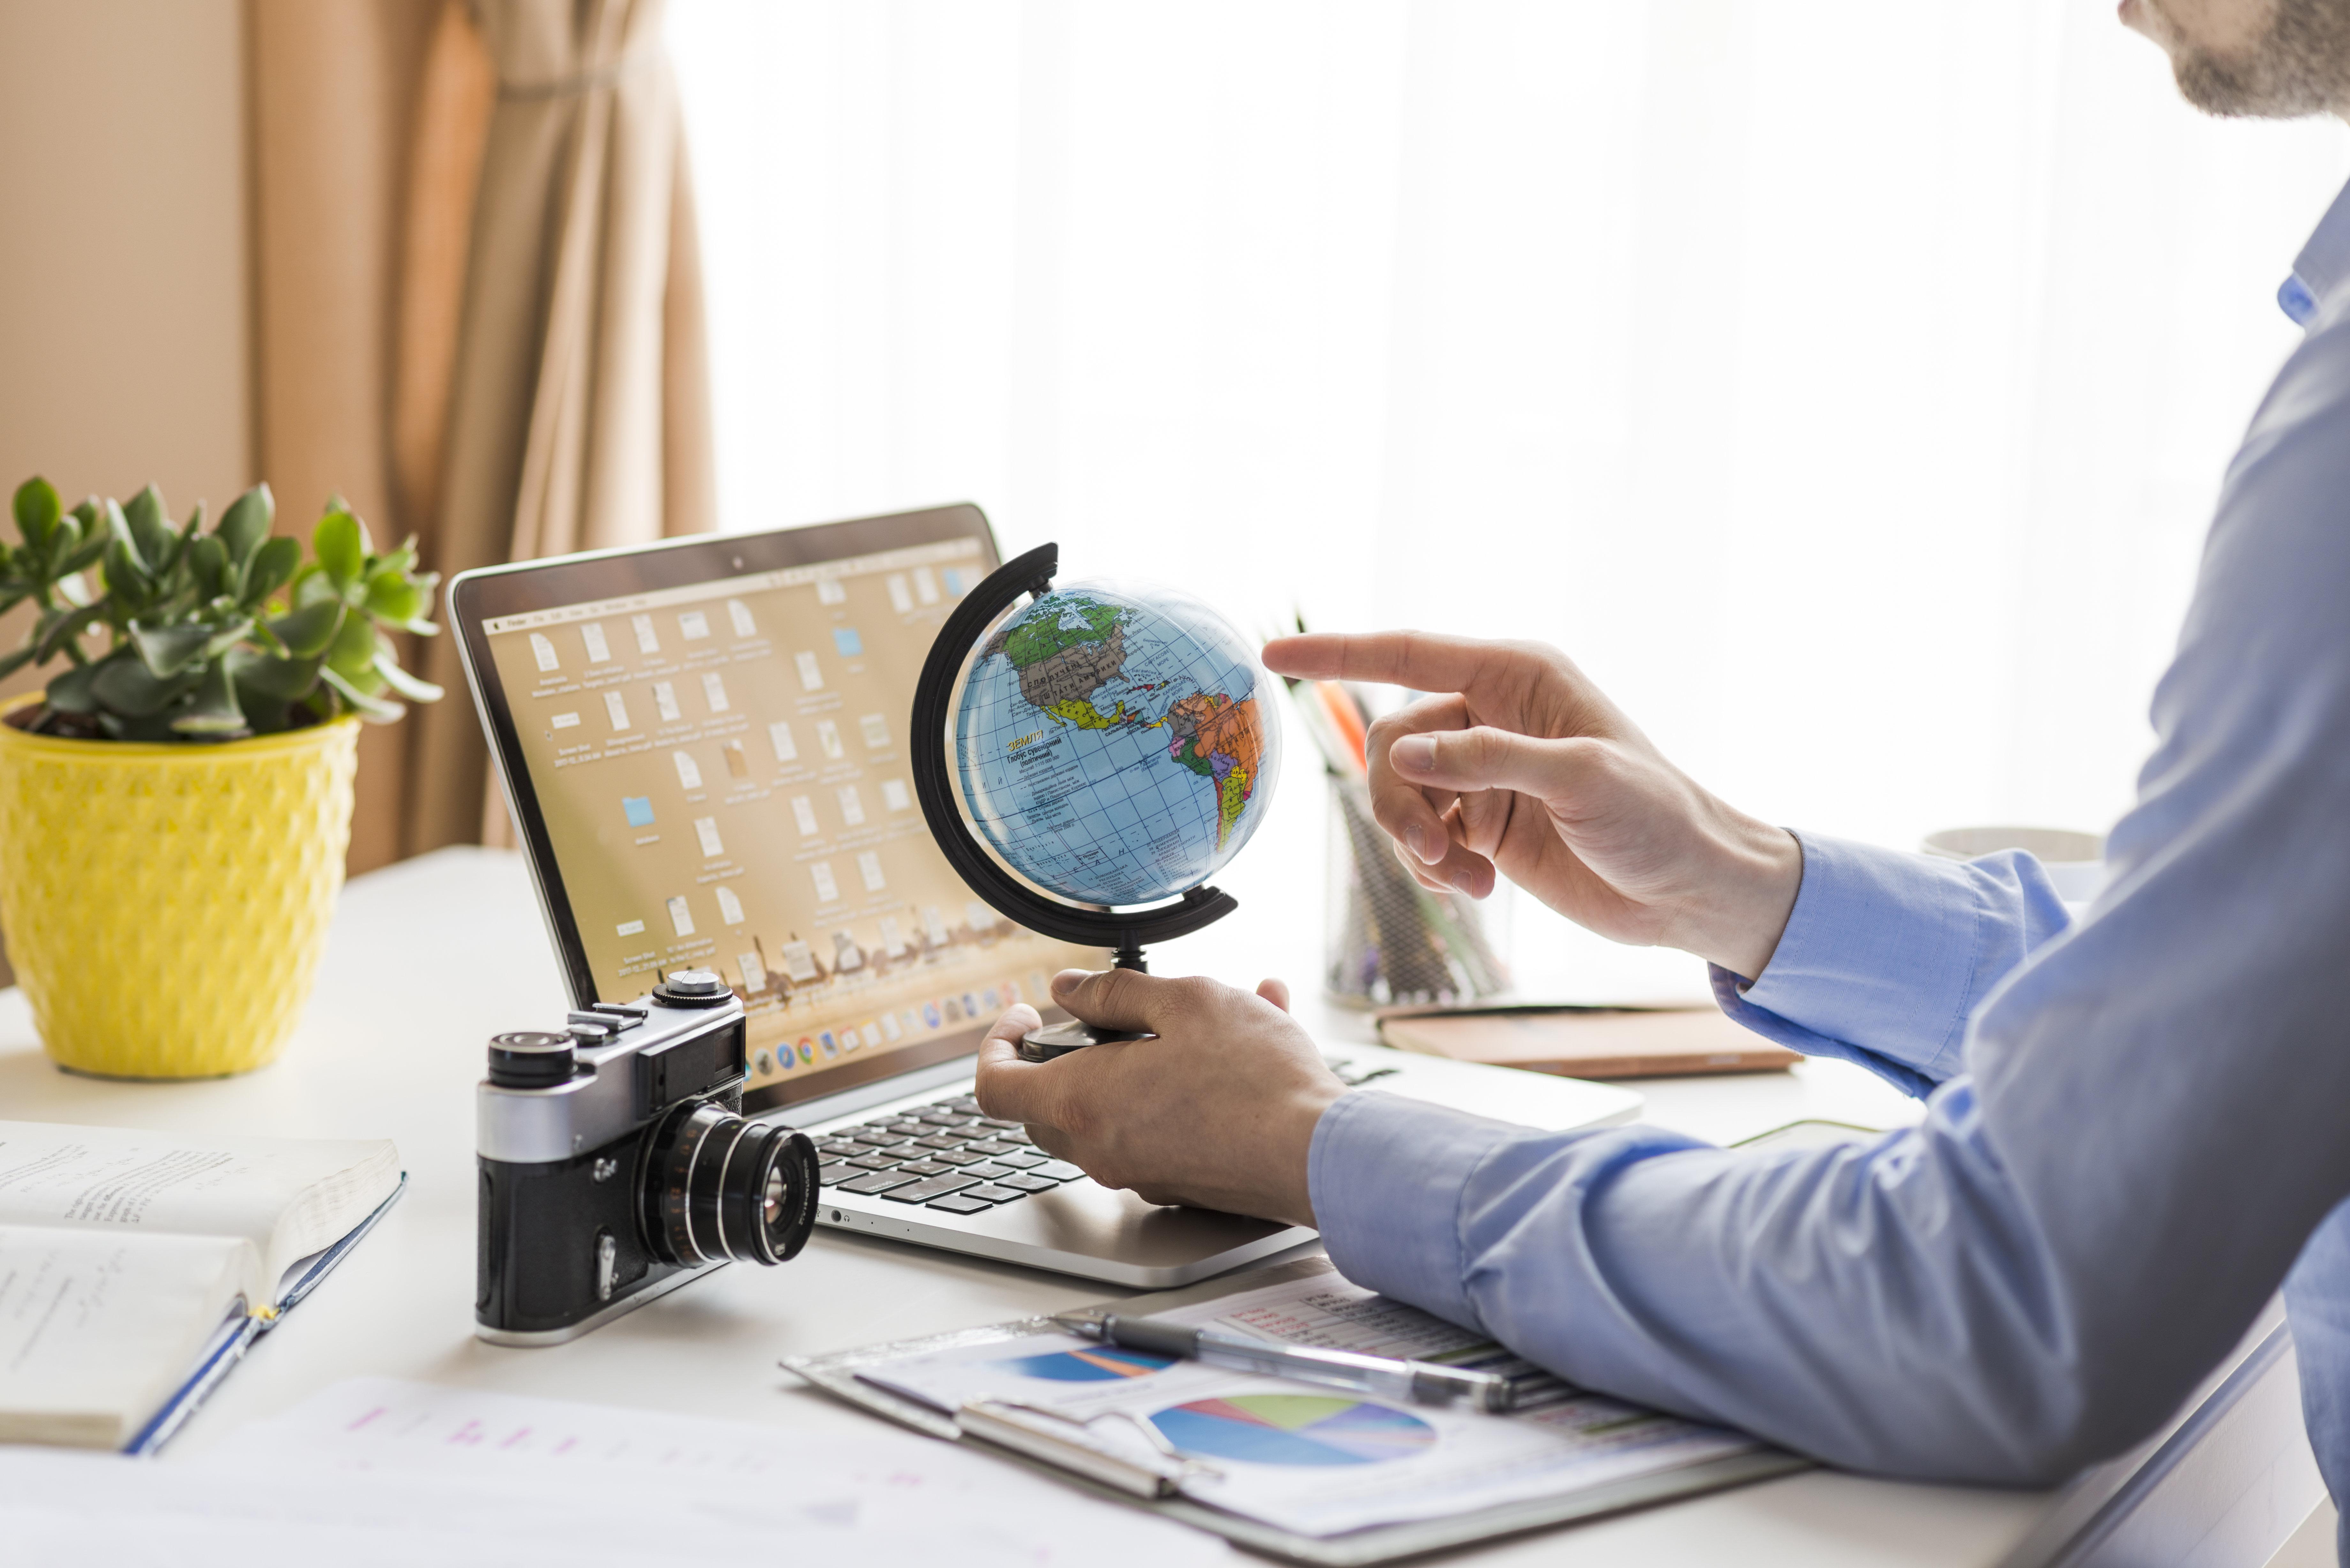 Dijital Göçebe ve Dijital Expat Arasındaki Fark